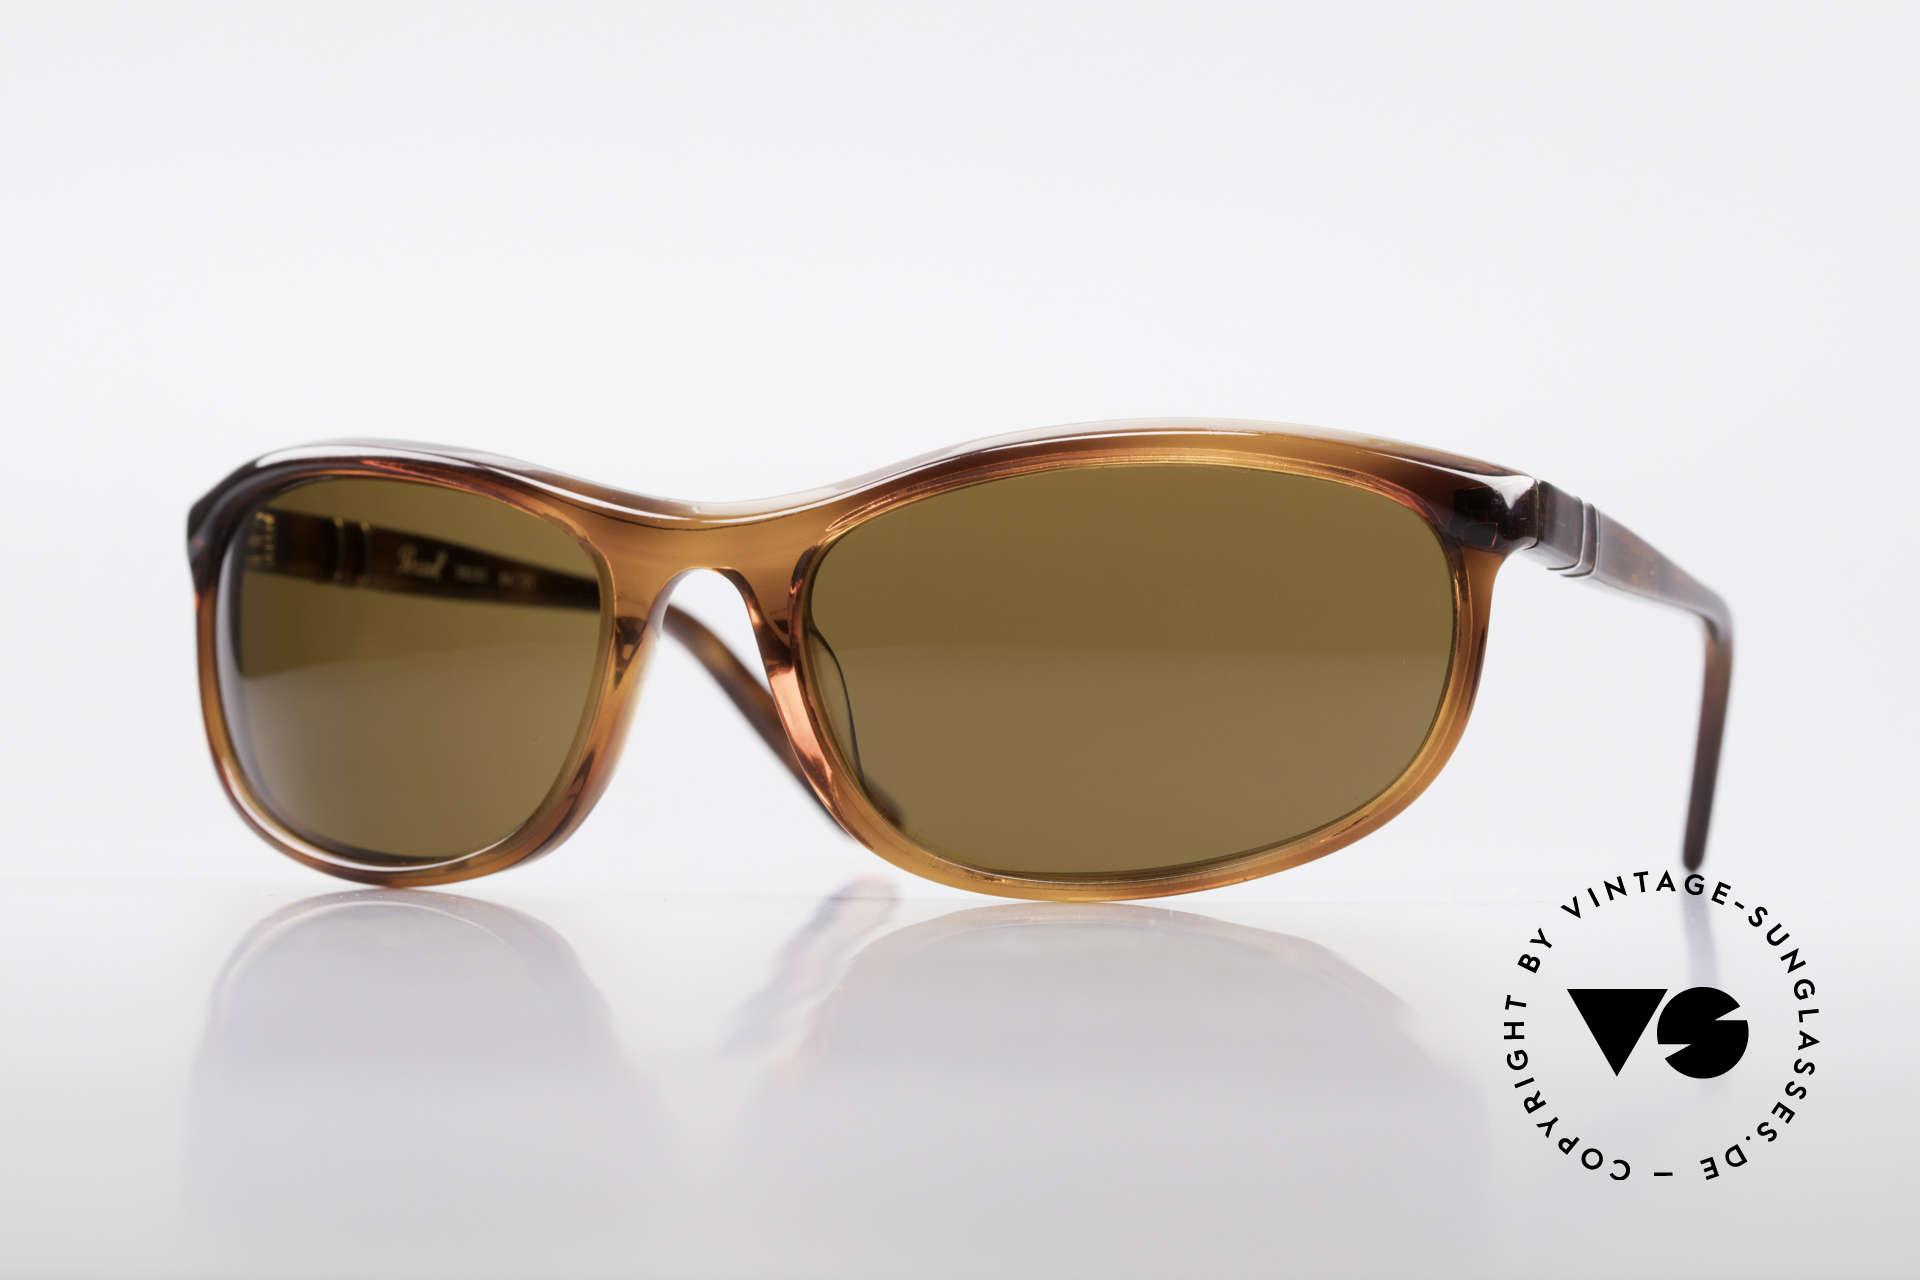 011f5b4210424 Sunglasses Persol 58230 Ratti Terminator 2 Sunglasses